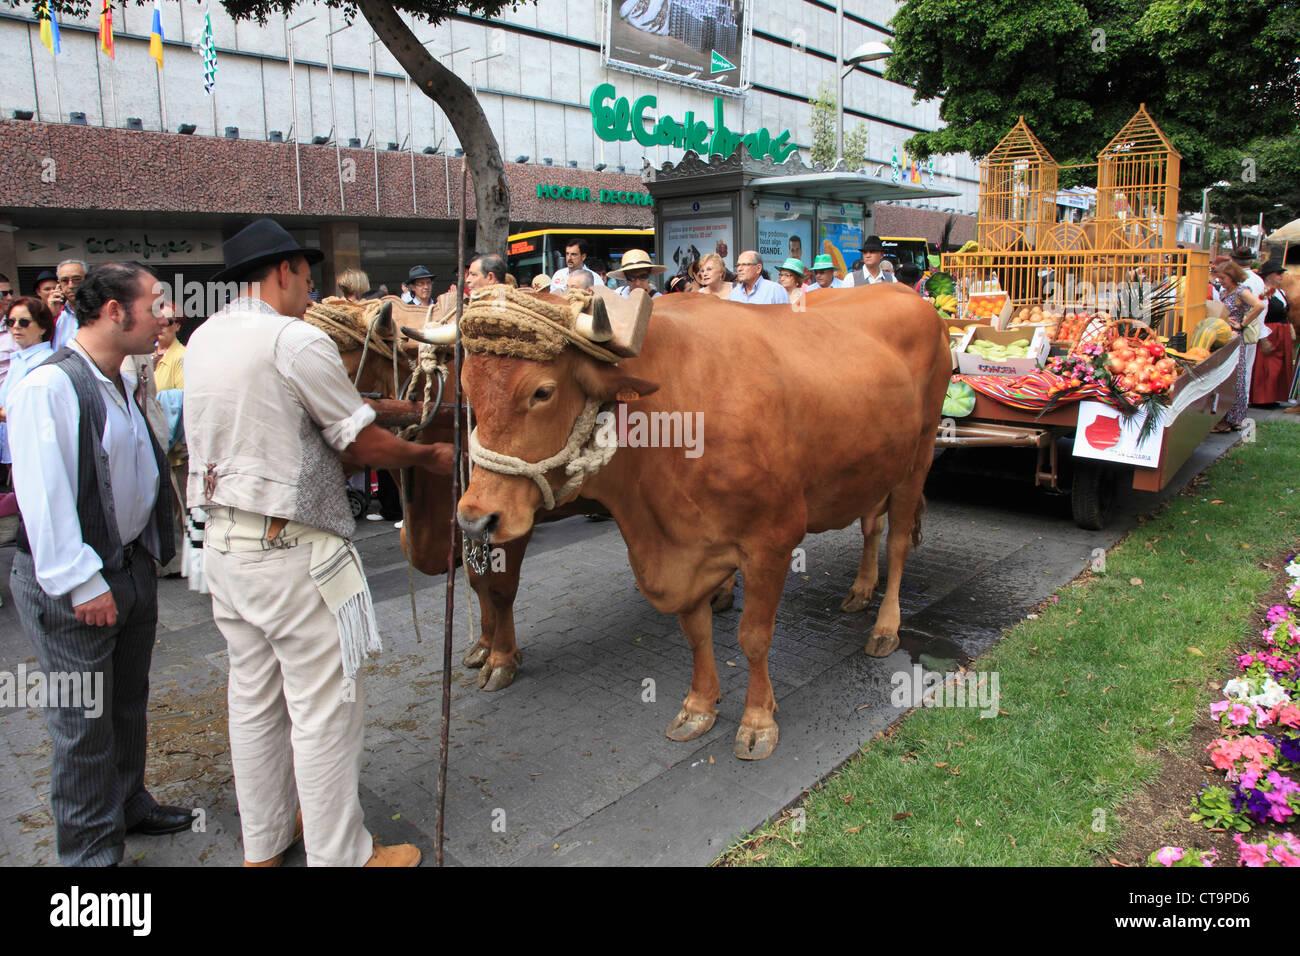 Spain, Canary Islands, Gran Canaria, Las Palmas, Dia de las Canarias, festival, procession, oxcart, - Stock Image